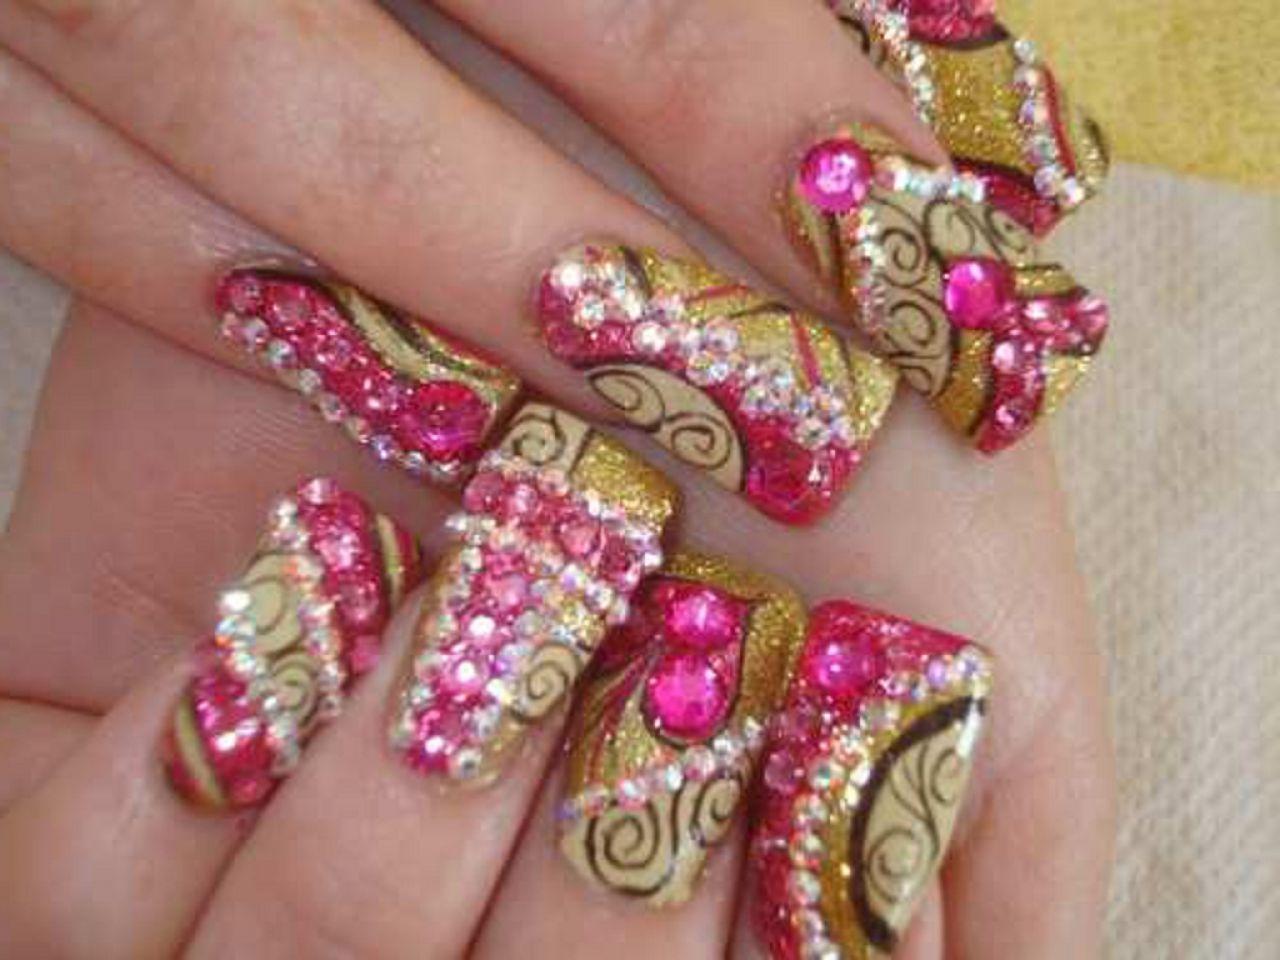 how to do i heal my broken nails from having acrylic nails photo - 1